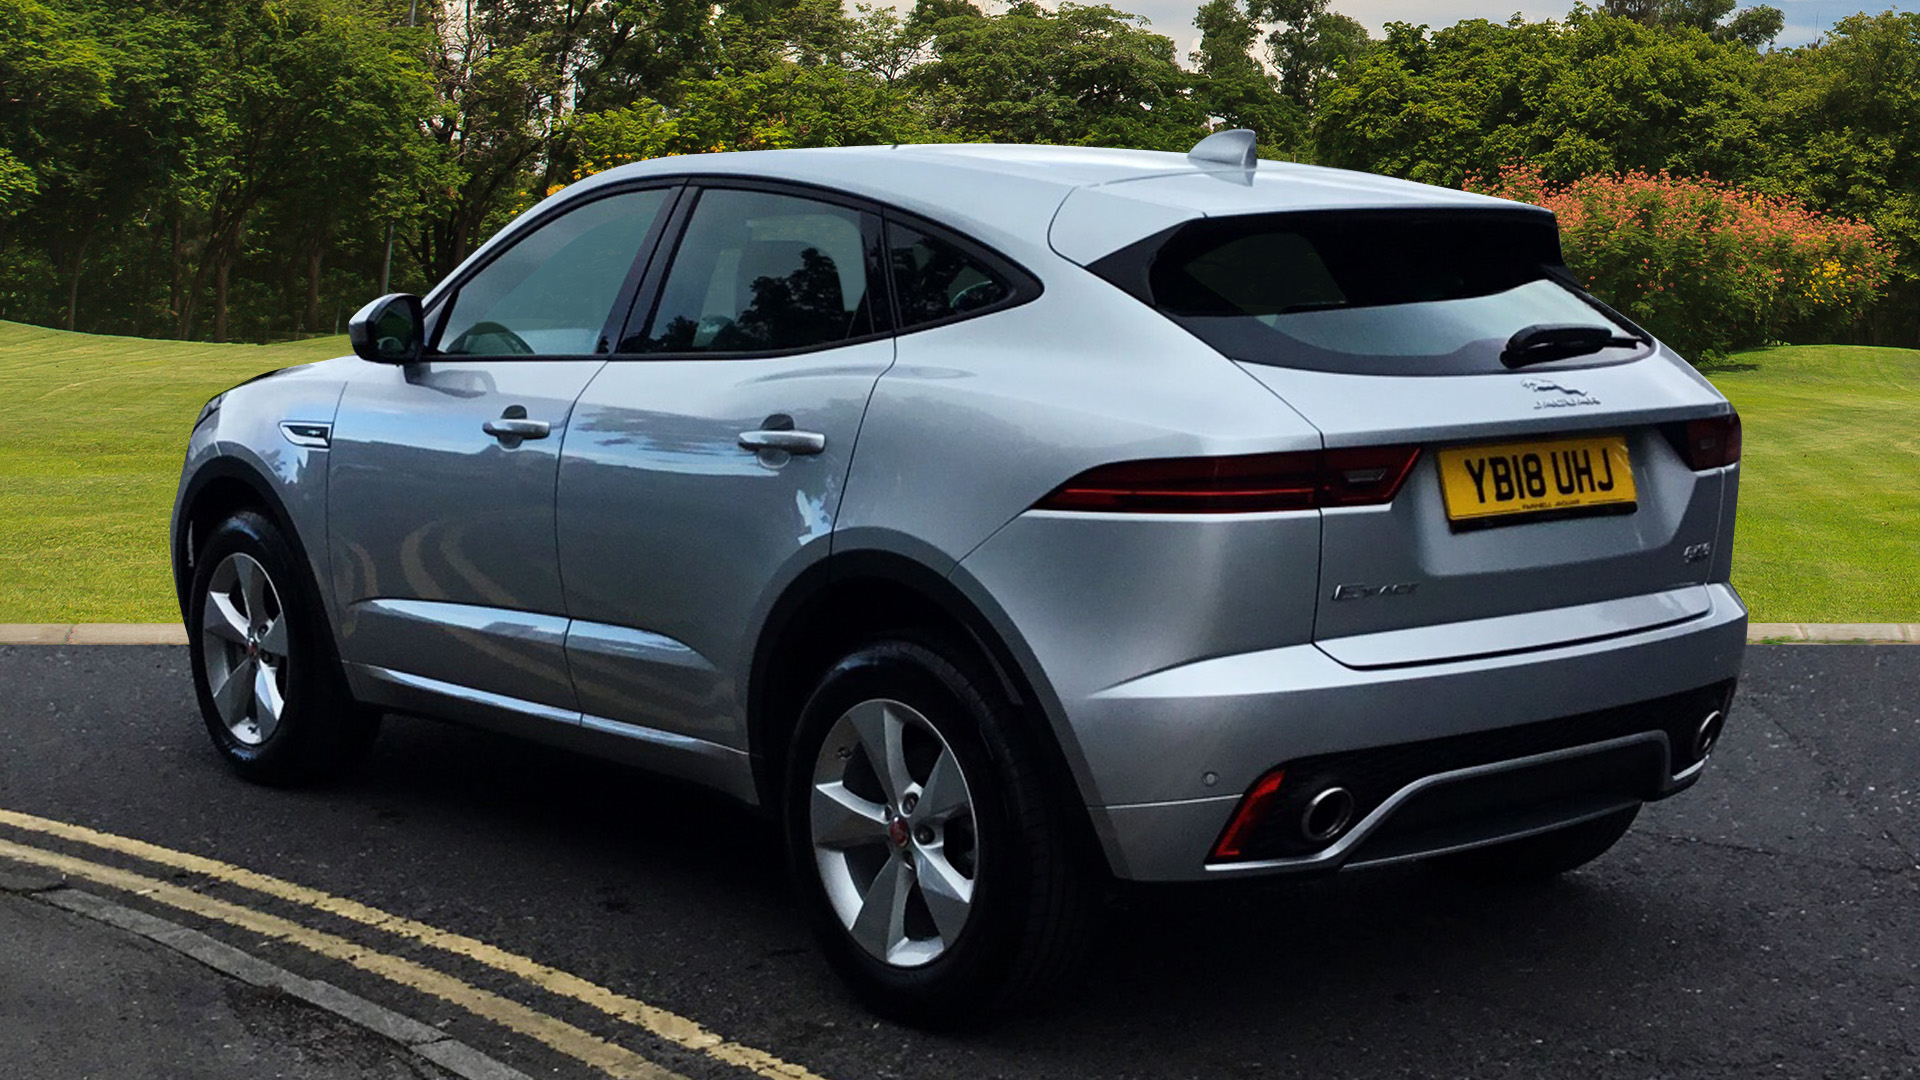 Used Jaguar E Pace 2 0D R Dynamic S 5Dr Auto Diesel Estate for Sale